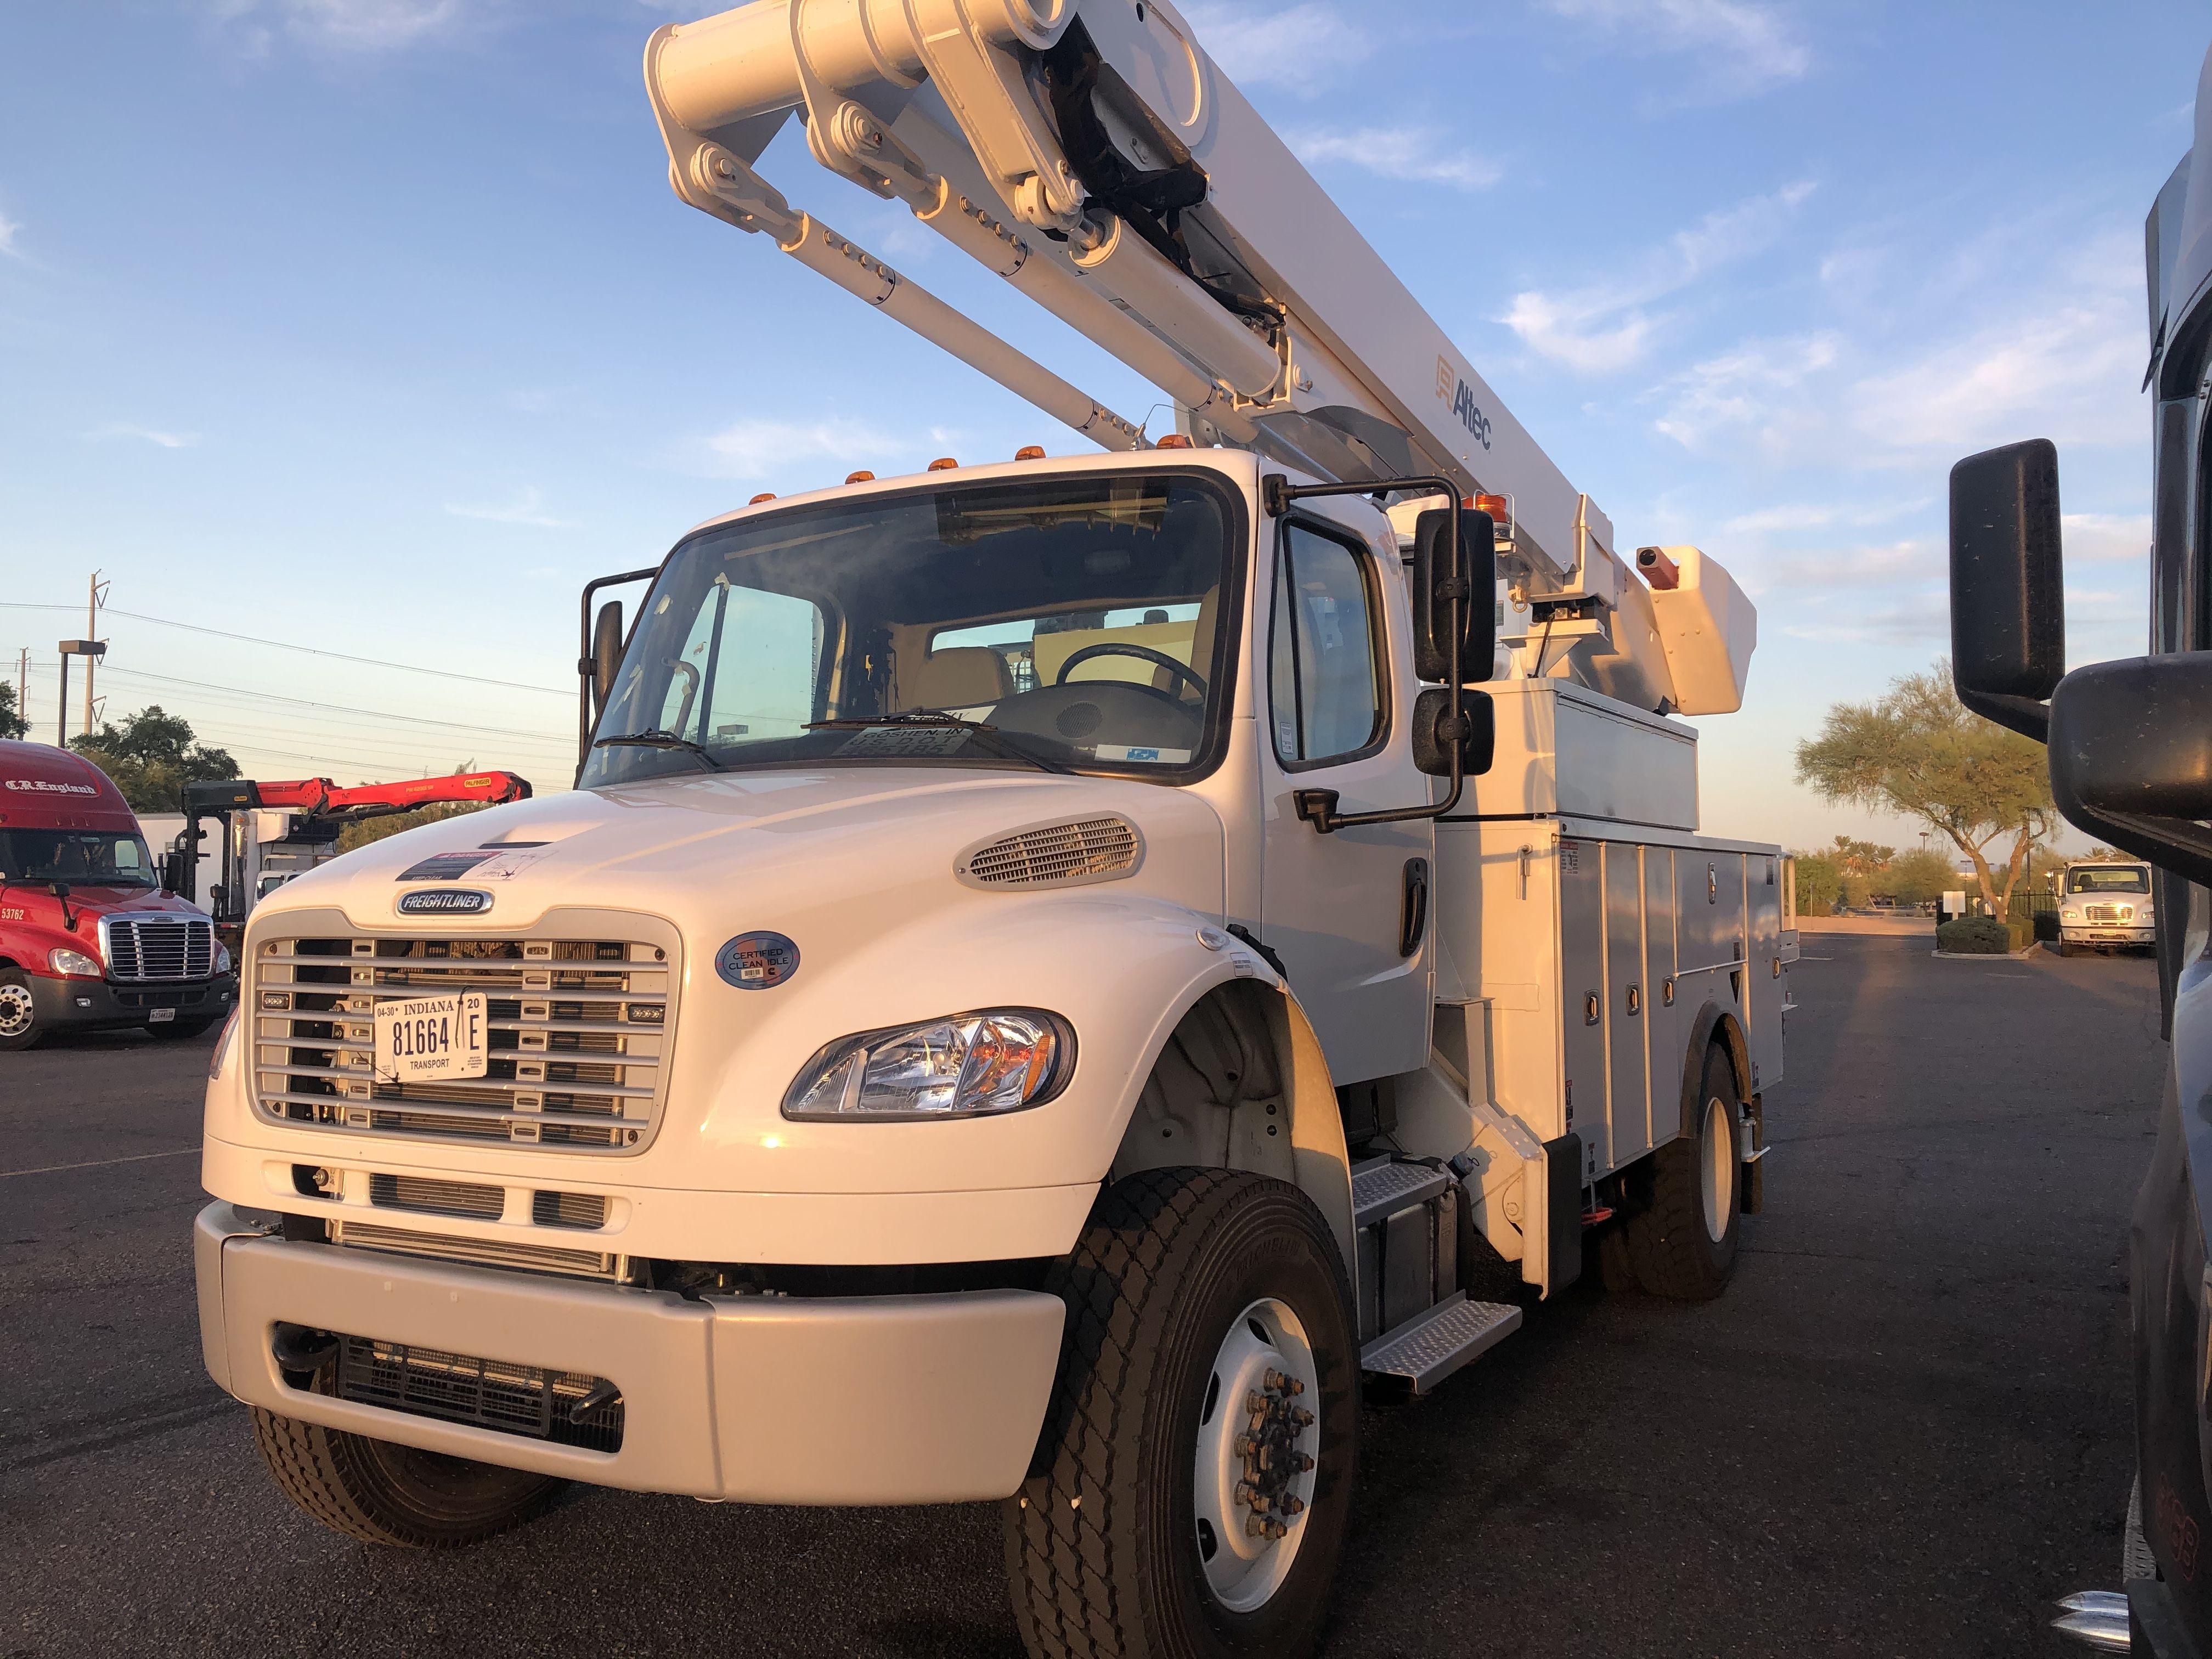 2020 Freightliner M2 106 From Missouri To Arizona Freightliner Trucks Missouri